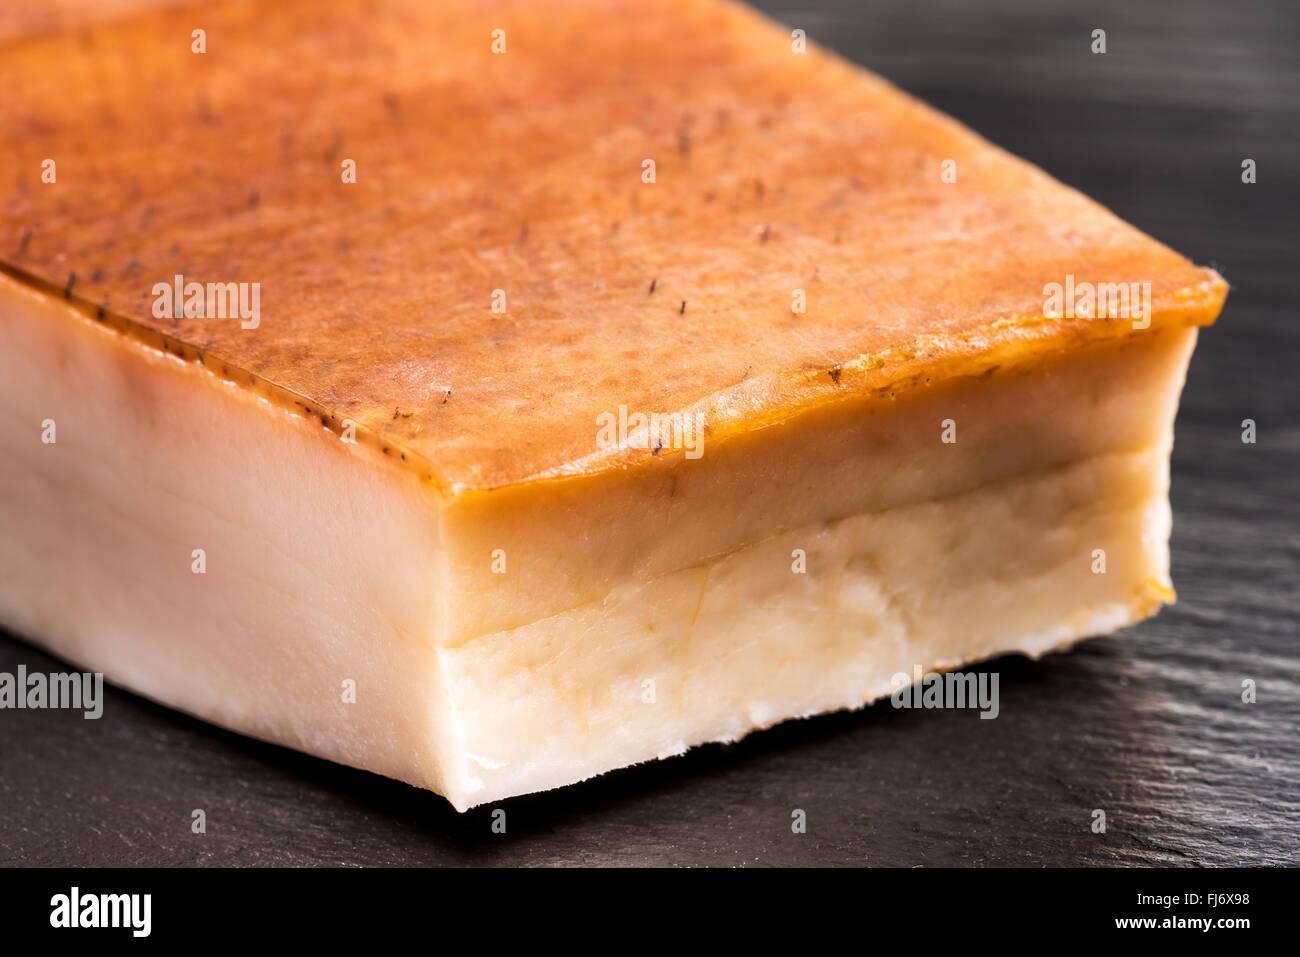 Pancetta di grasso su uno sfondo nero, Bill, pancetta di maiale, cotenna, affumicato, pelle, calorie, dieta, sapore, Immagini Stock